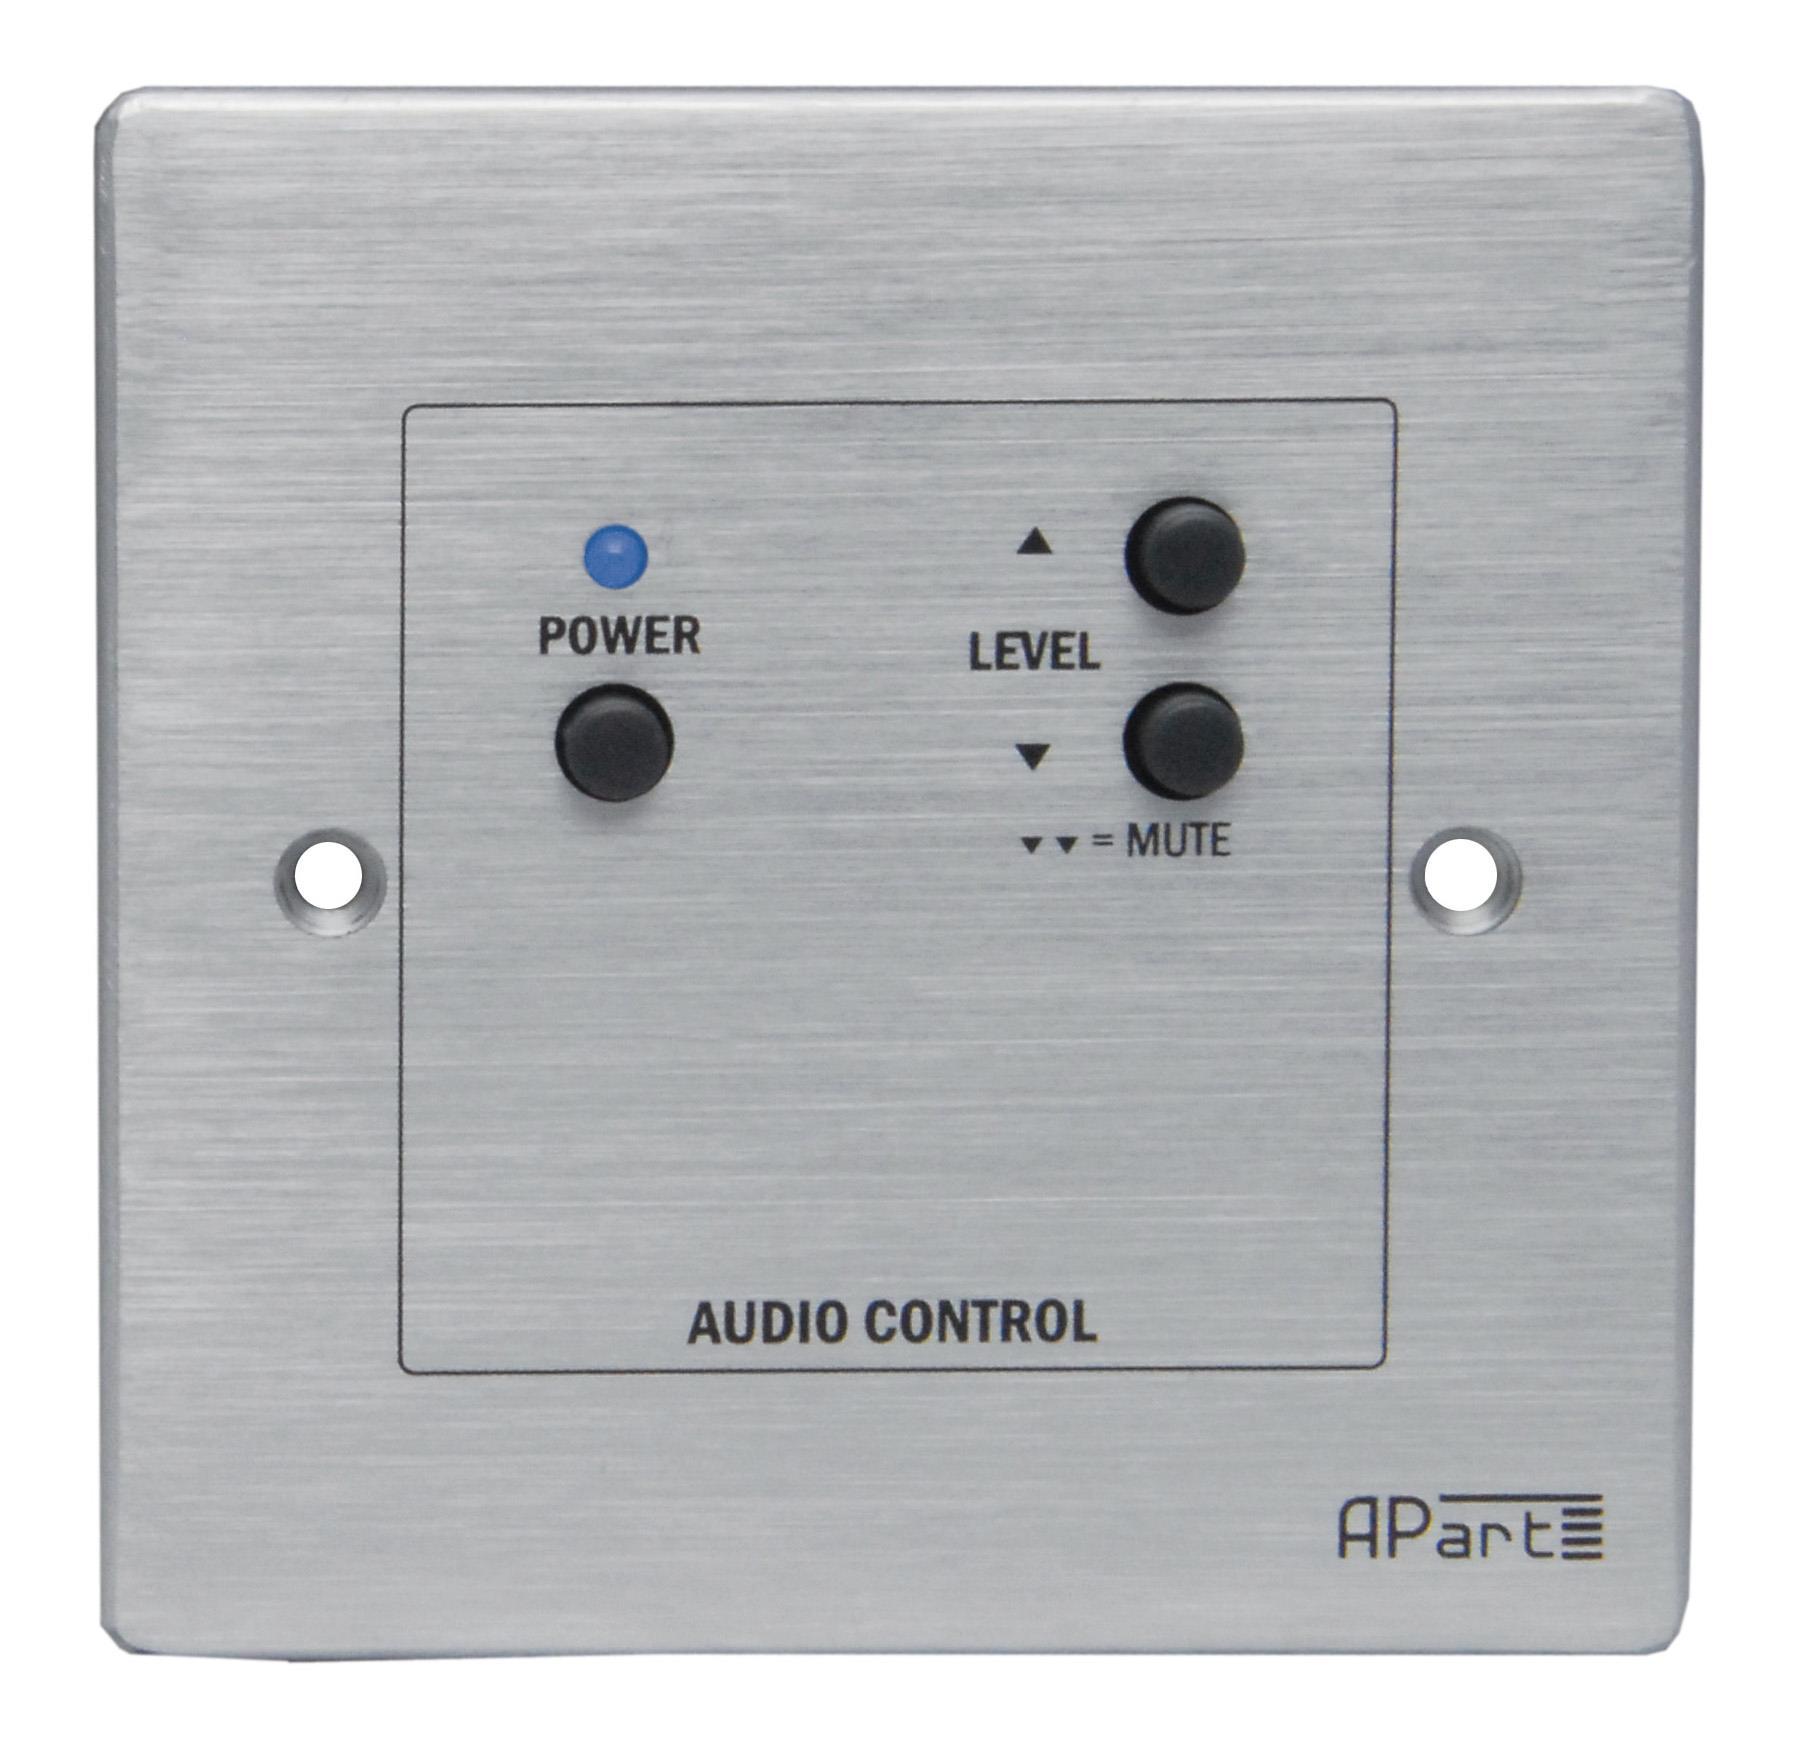 Apart Audio Apart ACP Drahtgebundene Fernbedienung für SDQ5PIR: Lautstärke, Ein/Aus